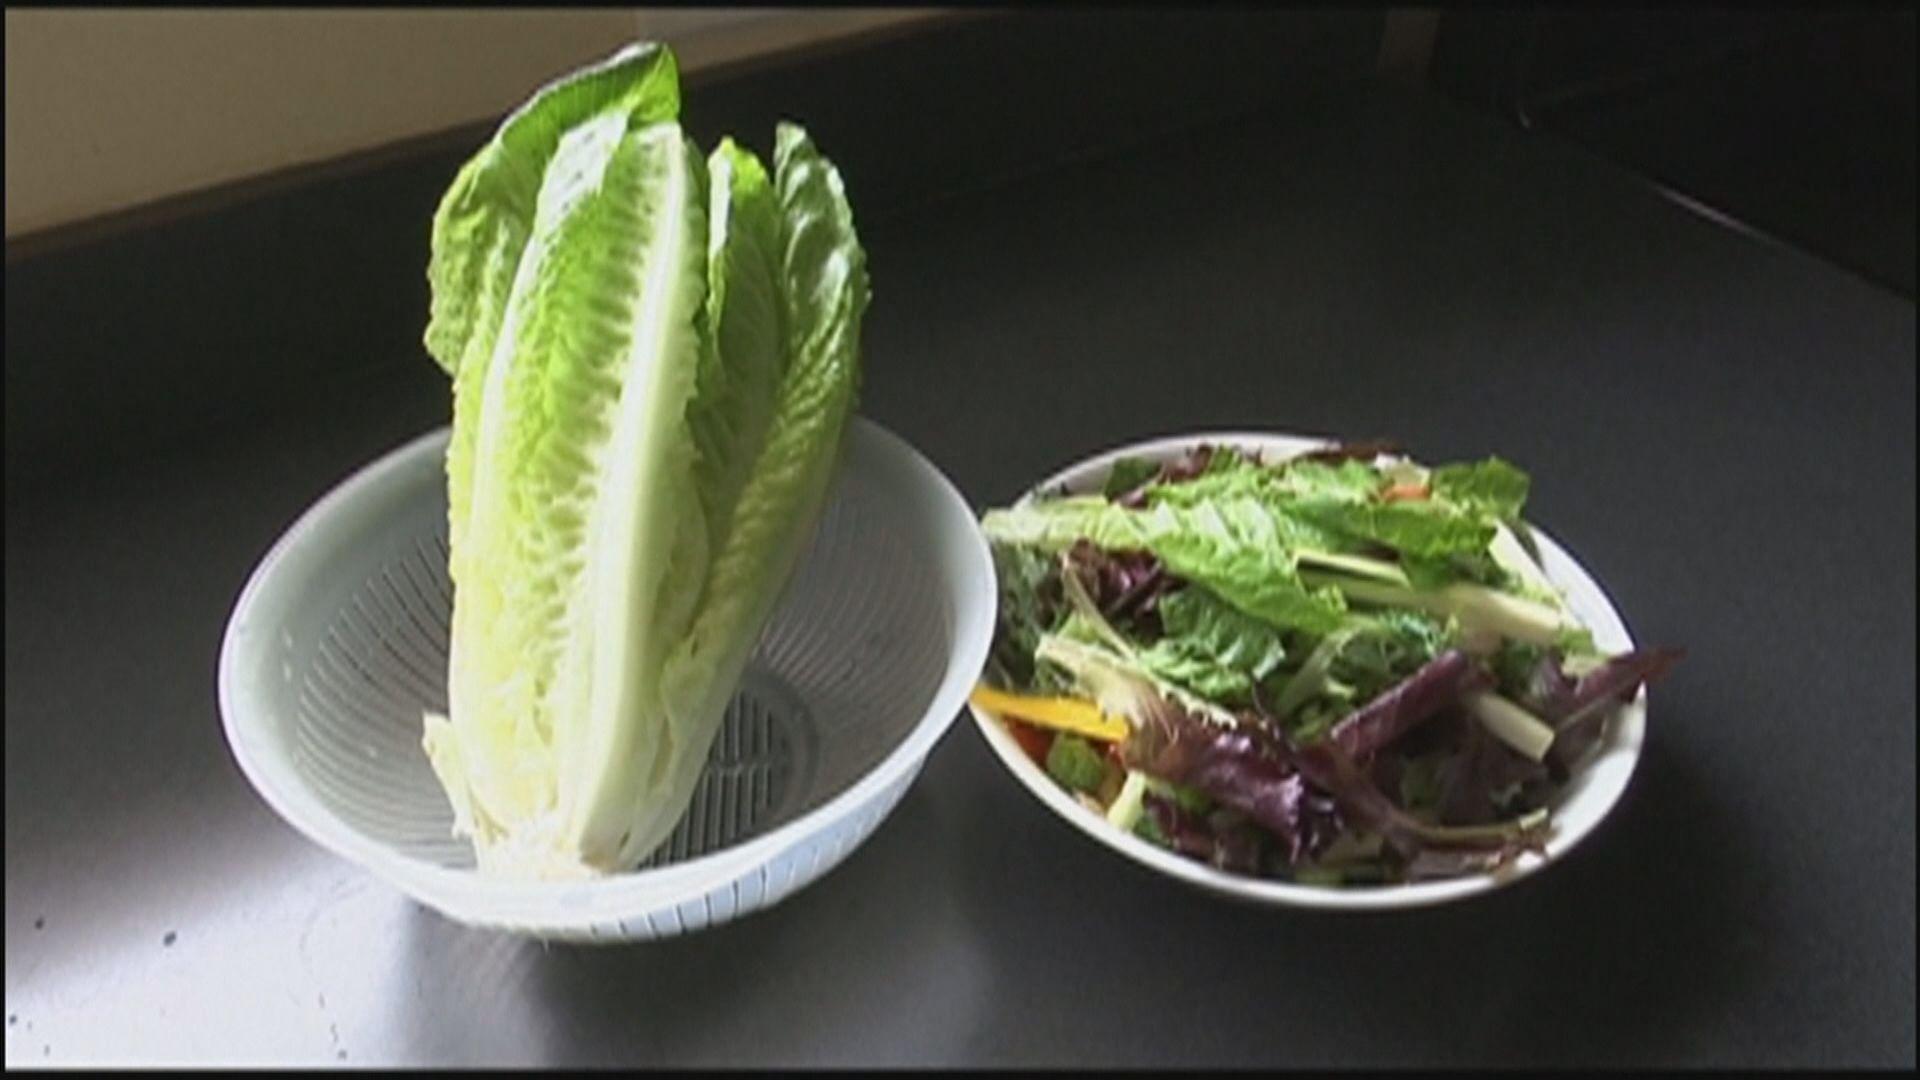 美加再爆大腸桿菌疫情 籲停食羅馬生菜